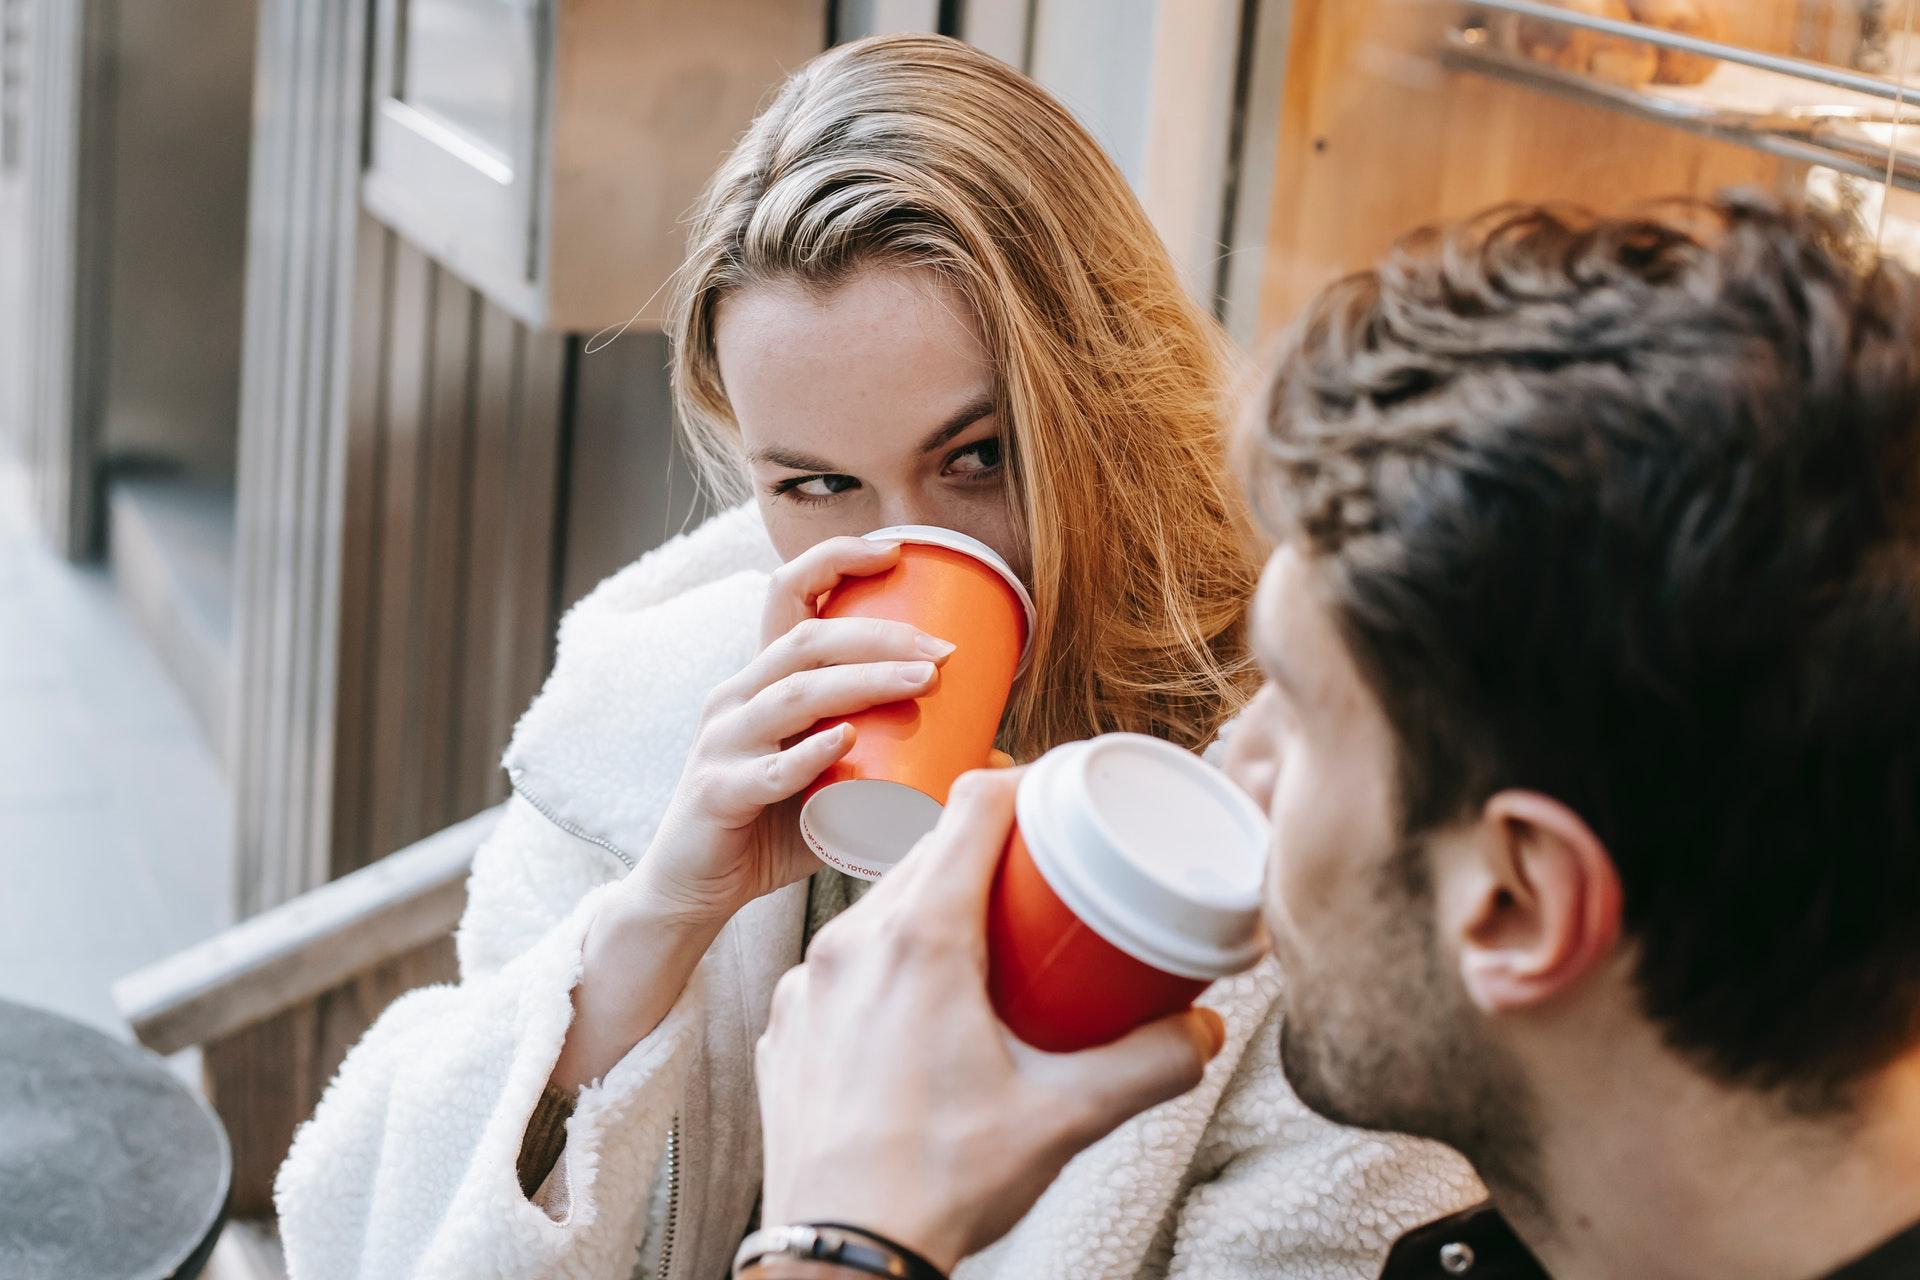 カップル喫茶 体験談おすすめ 人気